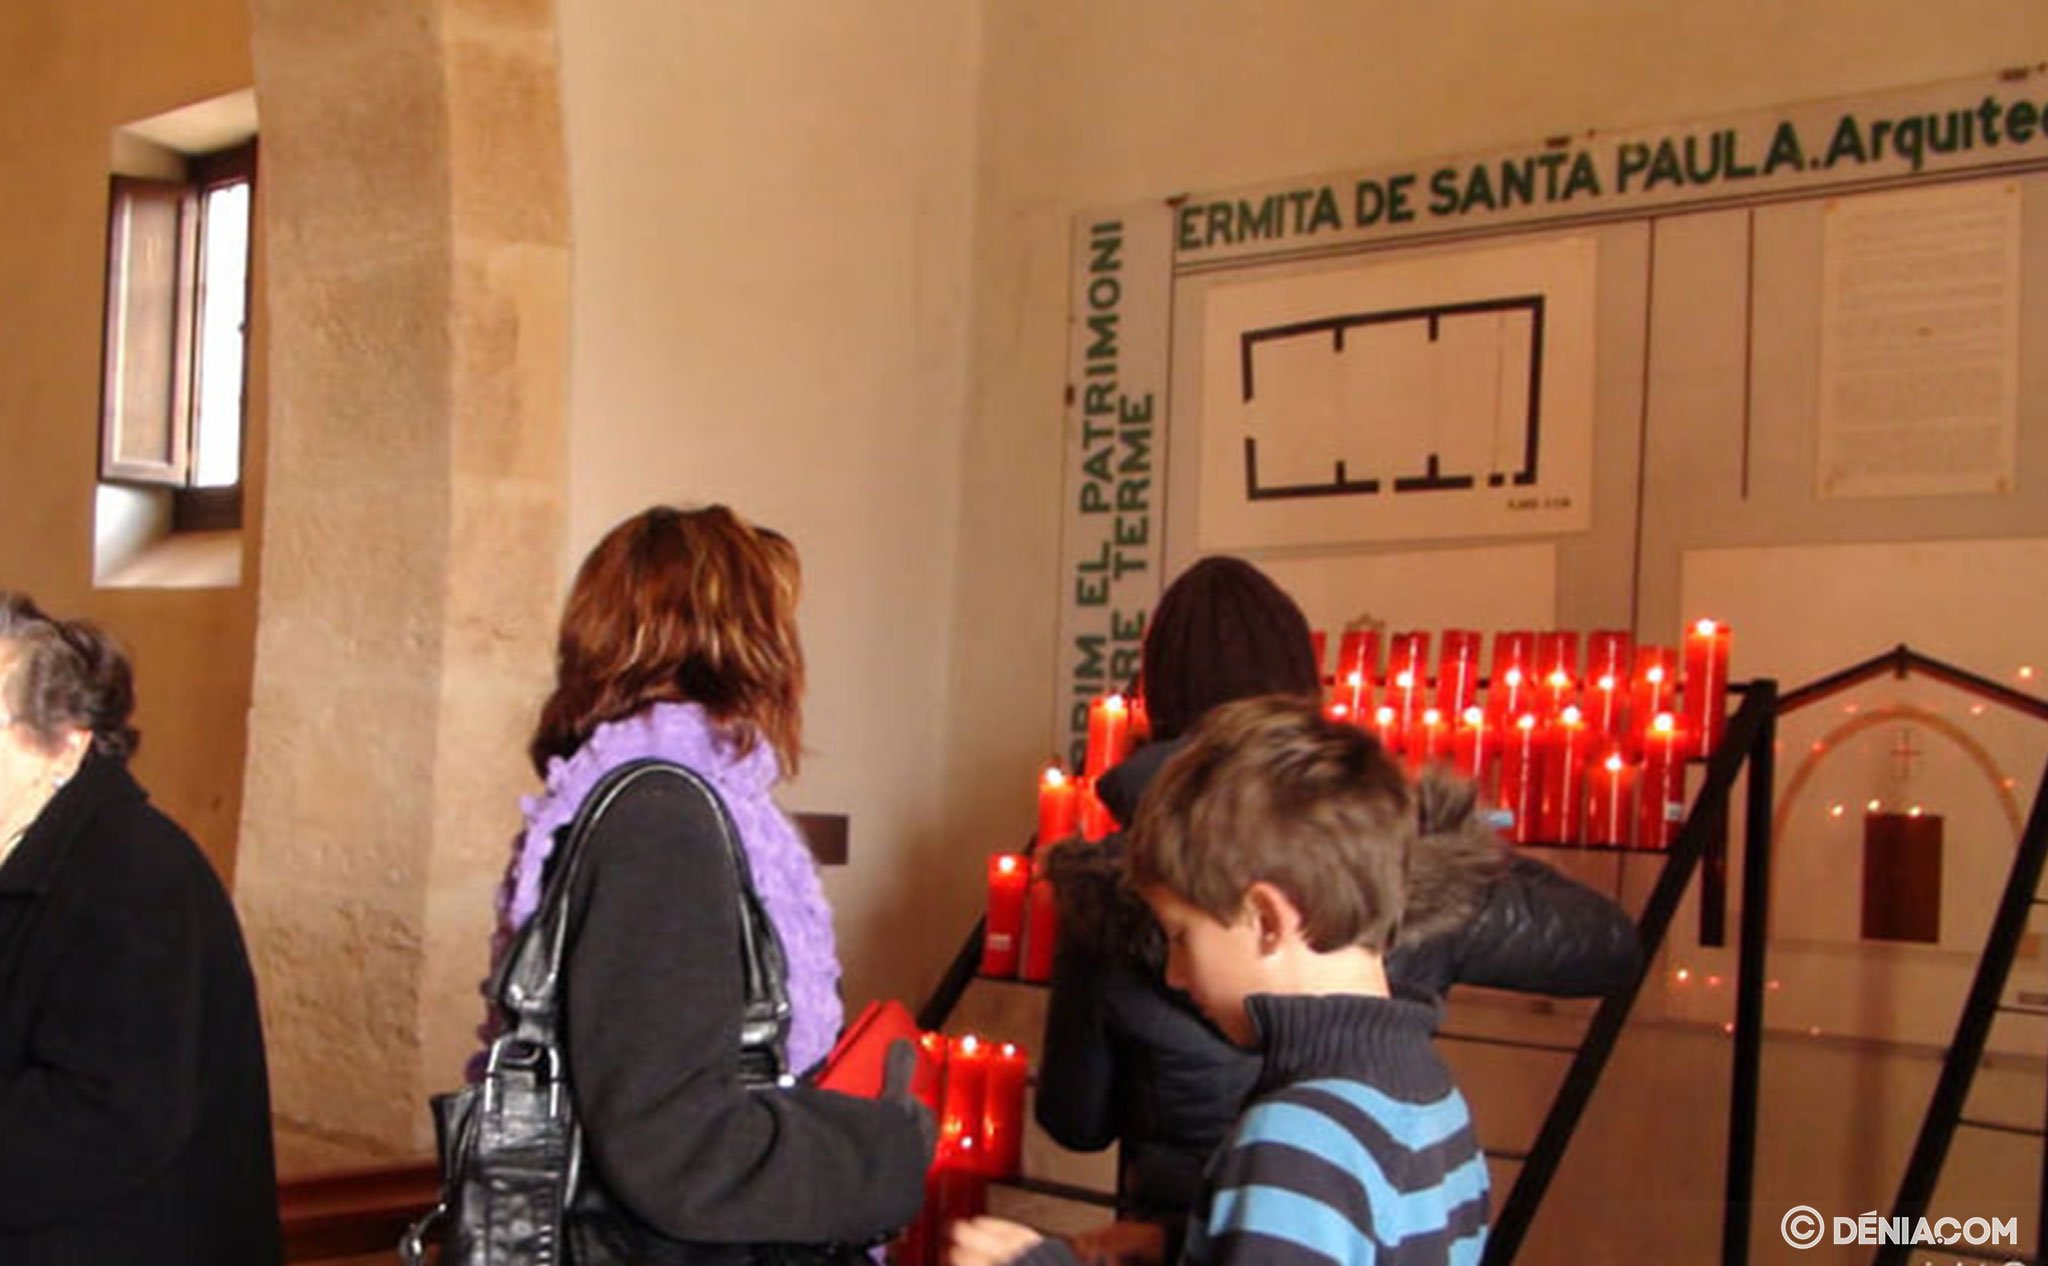 Ofrenda de cirios a Santa Paula